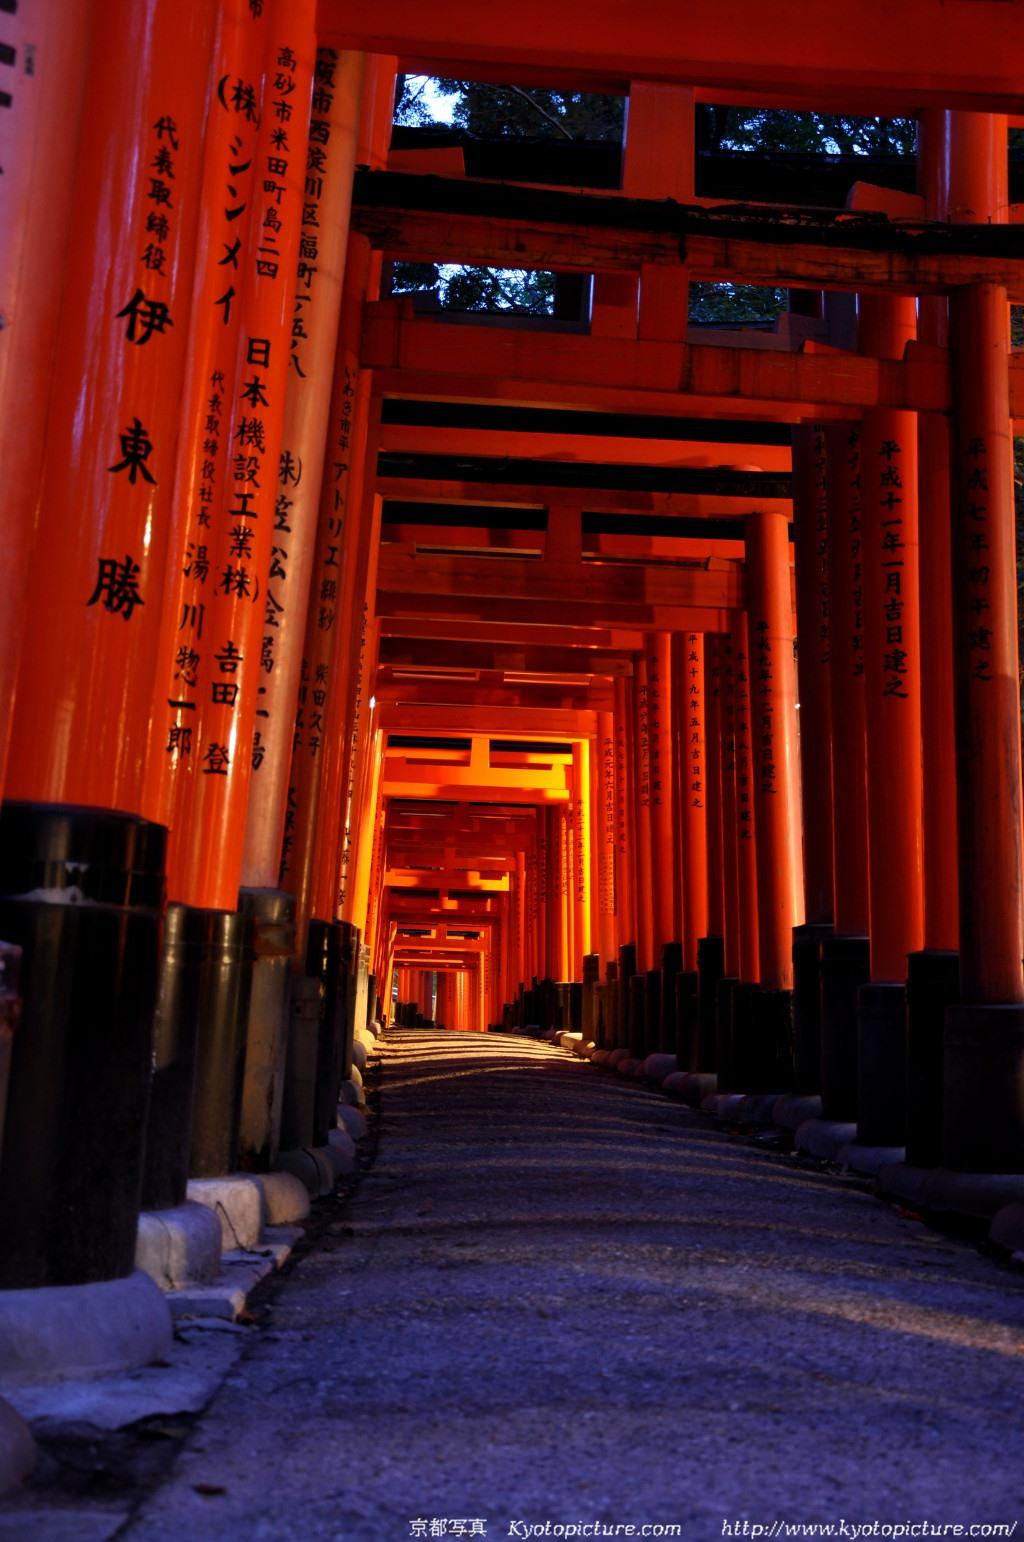 伏見稲荷からの夜景壁紙写真